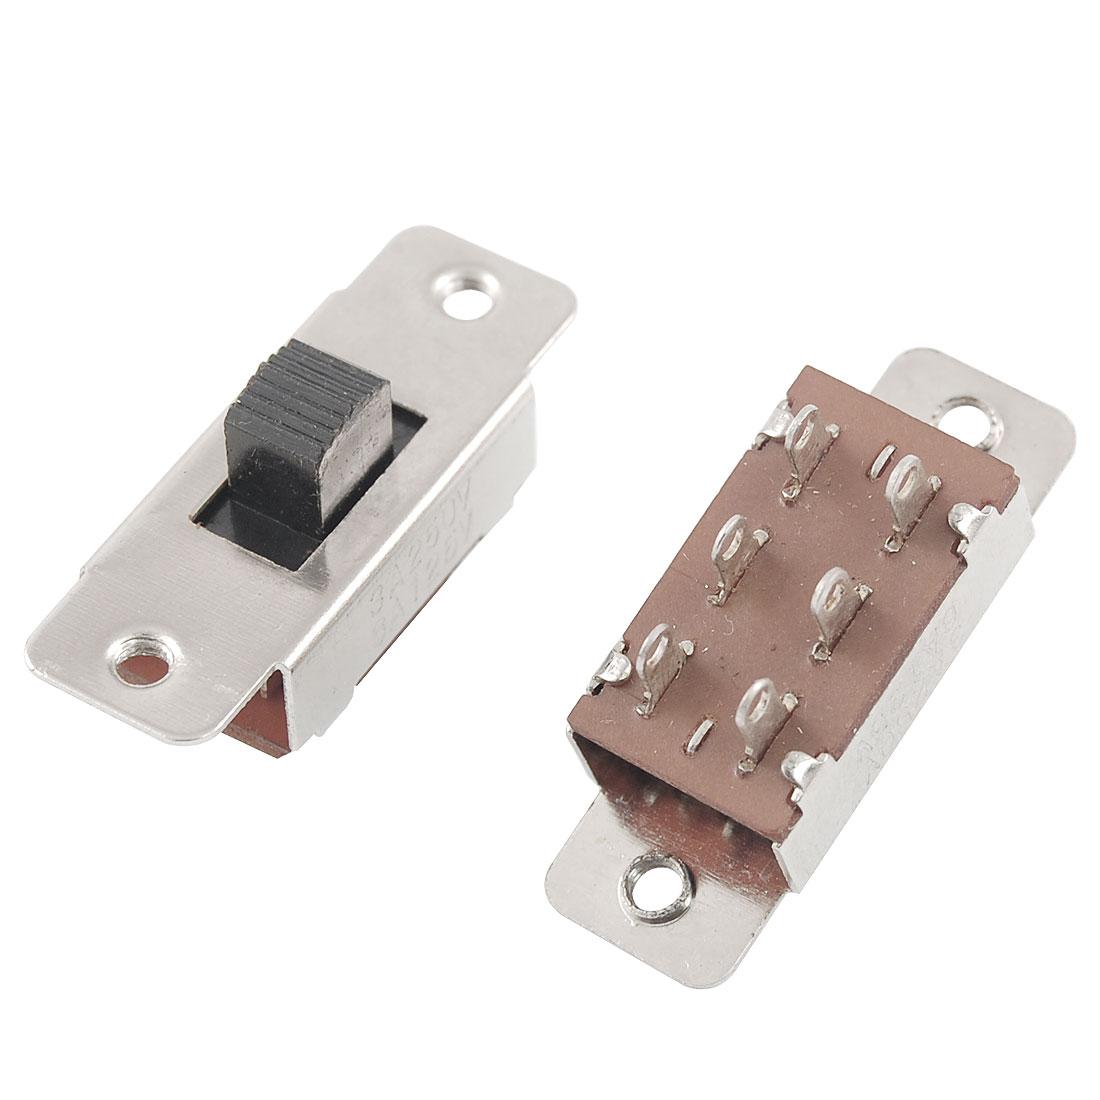 UXCELL 5 шт. AC 6A/125V 3A/250V Вкл/Выкл 3 позиции 6 Pins DPDT 2P2T Pcb панель слайд-переключатель для аудио-видео